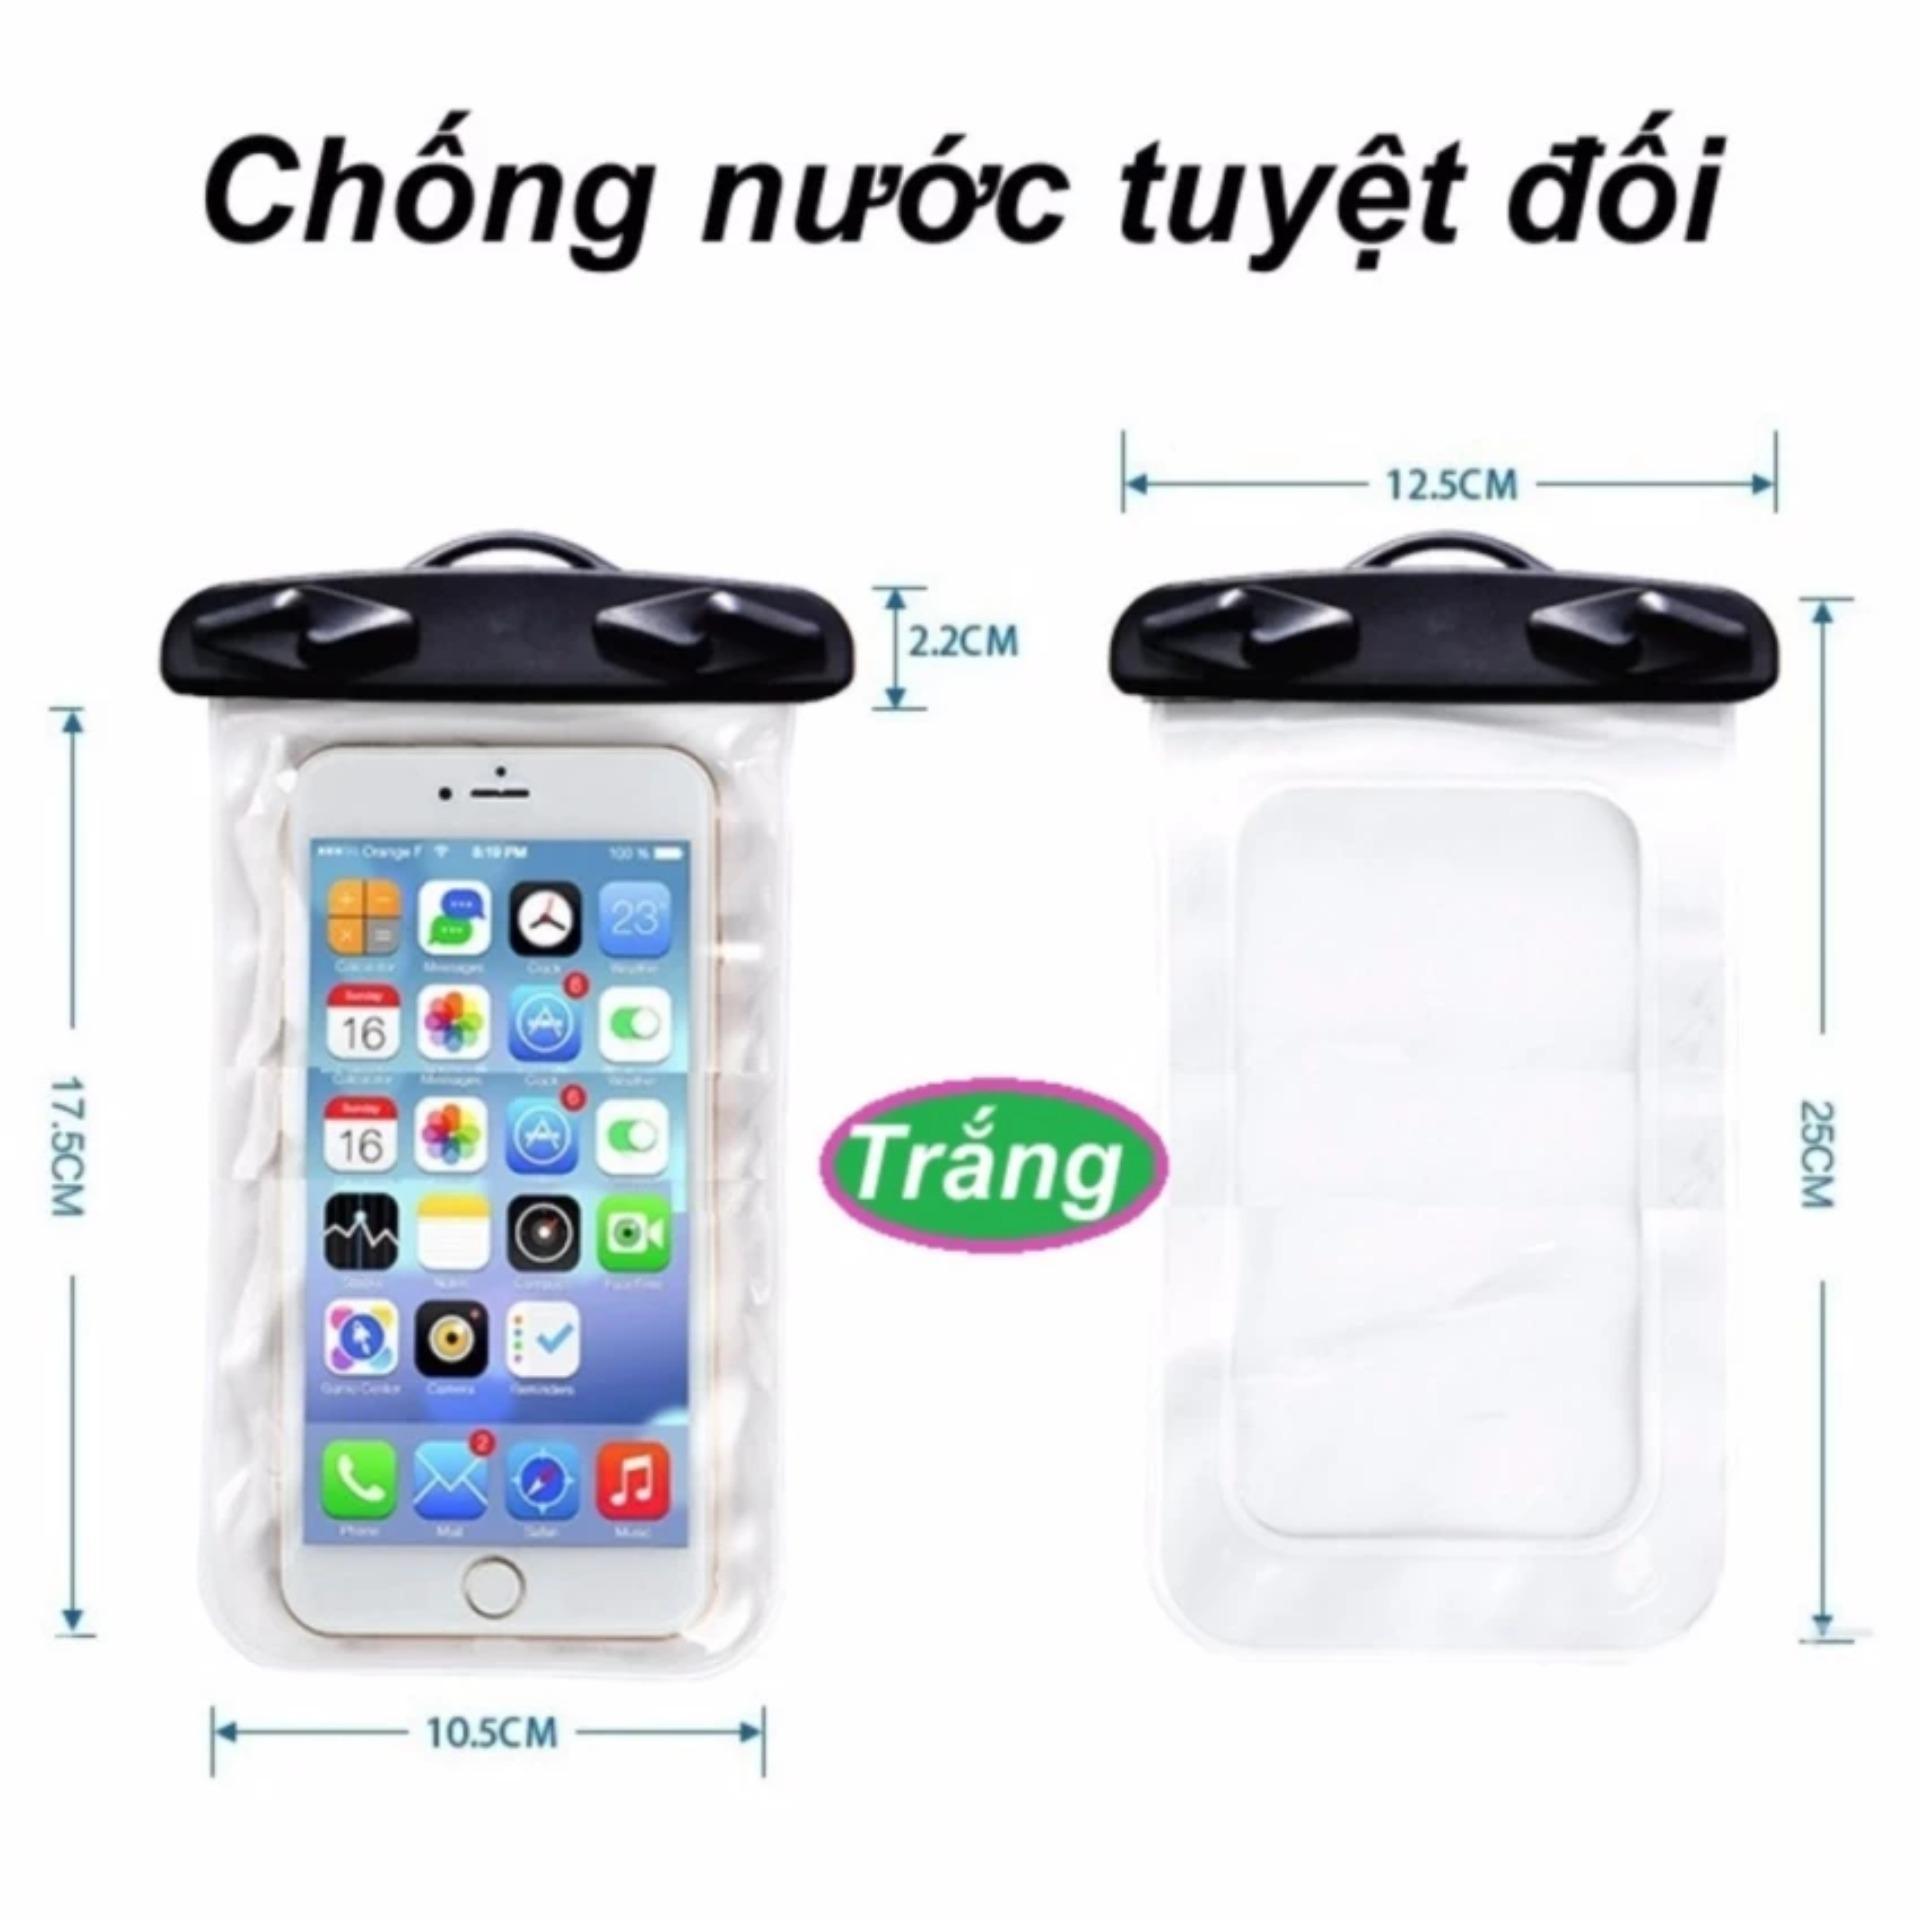 Túi điện thoại chống nước an toàn phiên bản mới